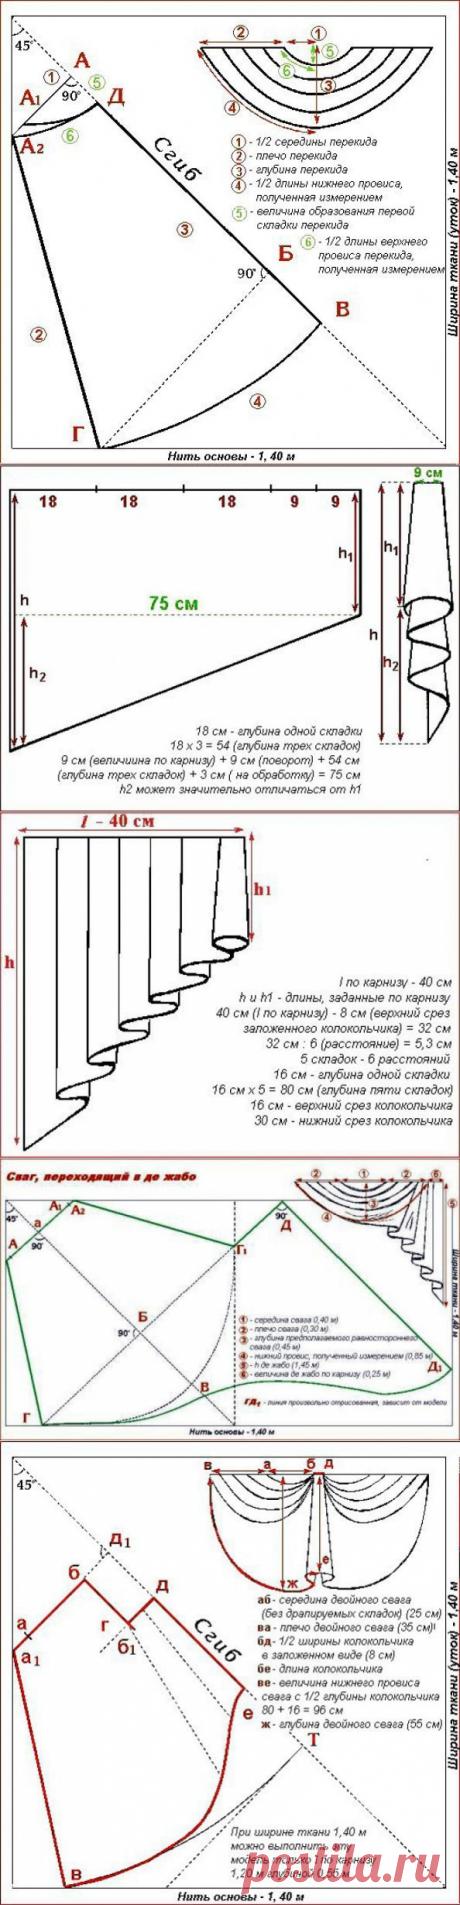 Выкройки ламбрекенов и наиболее сложных элементов драпировок штор — Сделай сам, идеи для творчества - DIY Ideas